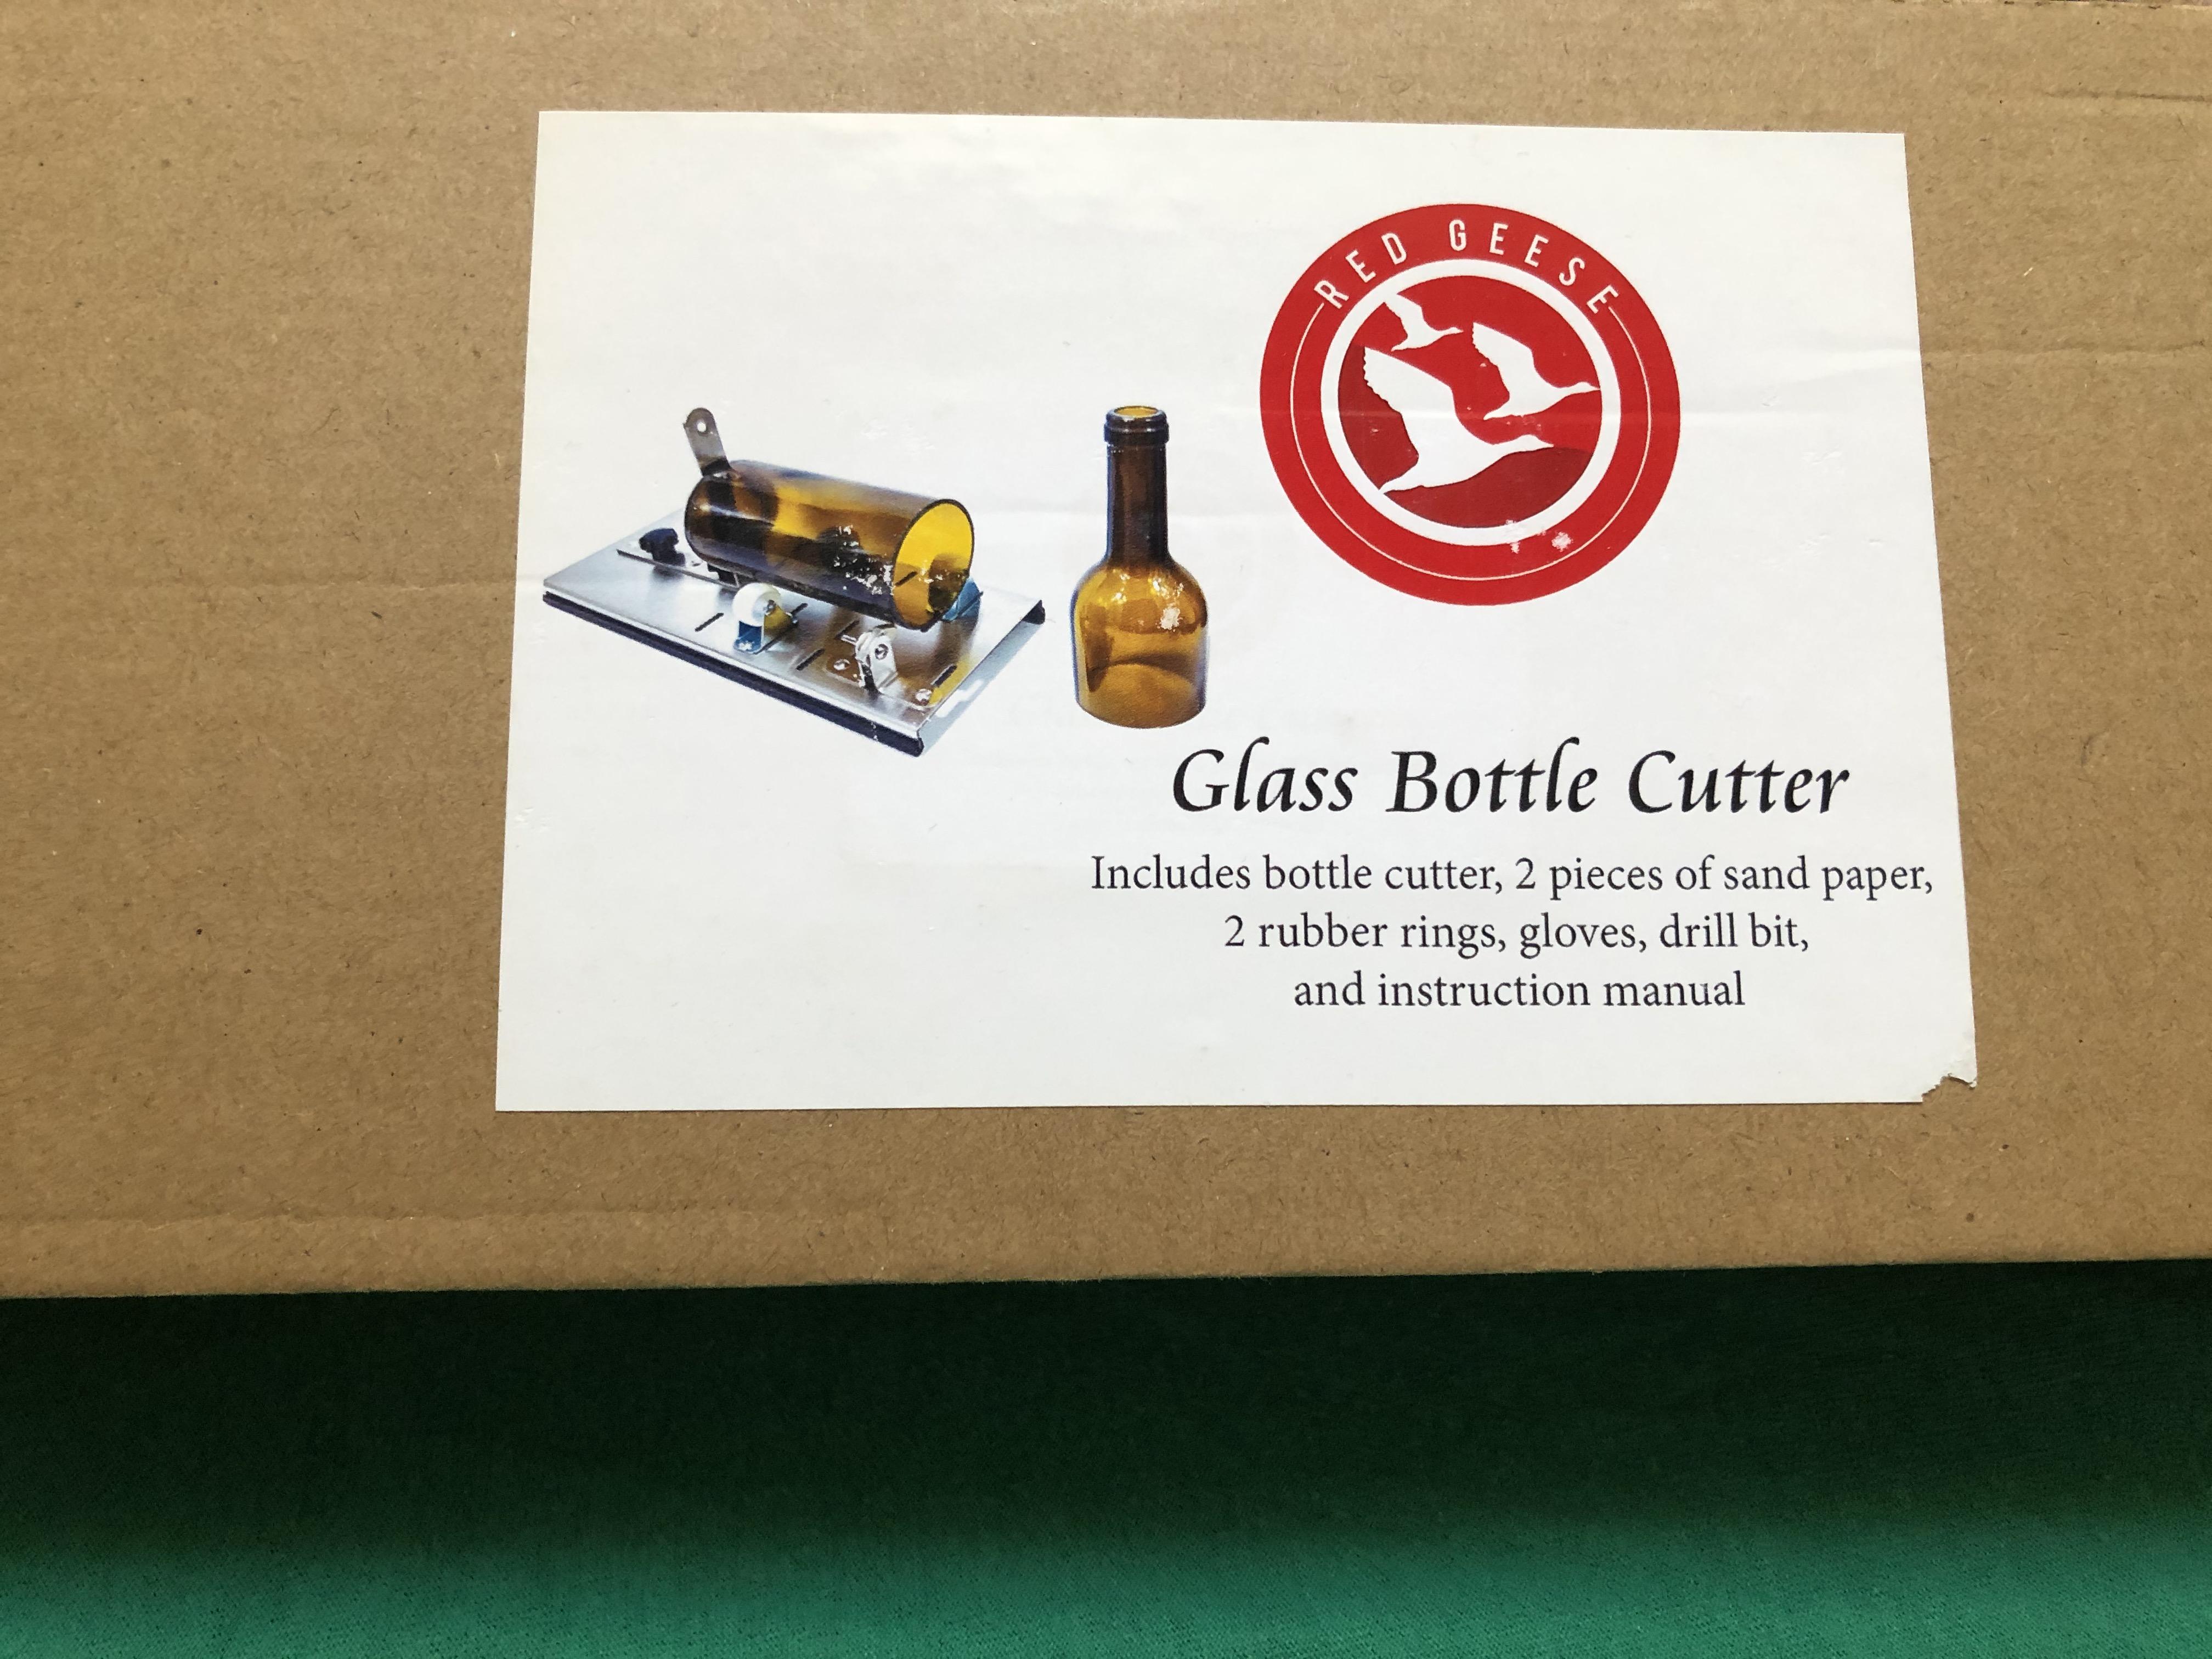 Glass Bottle Cutter Review